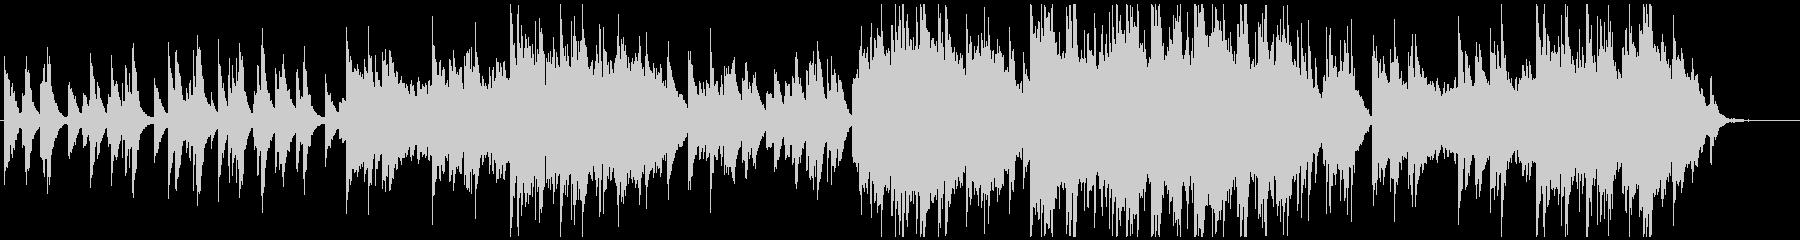 透明感ある優しく感動的なピアノ曲bの未再生の波形